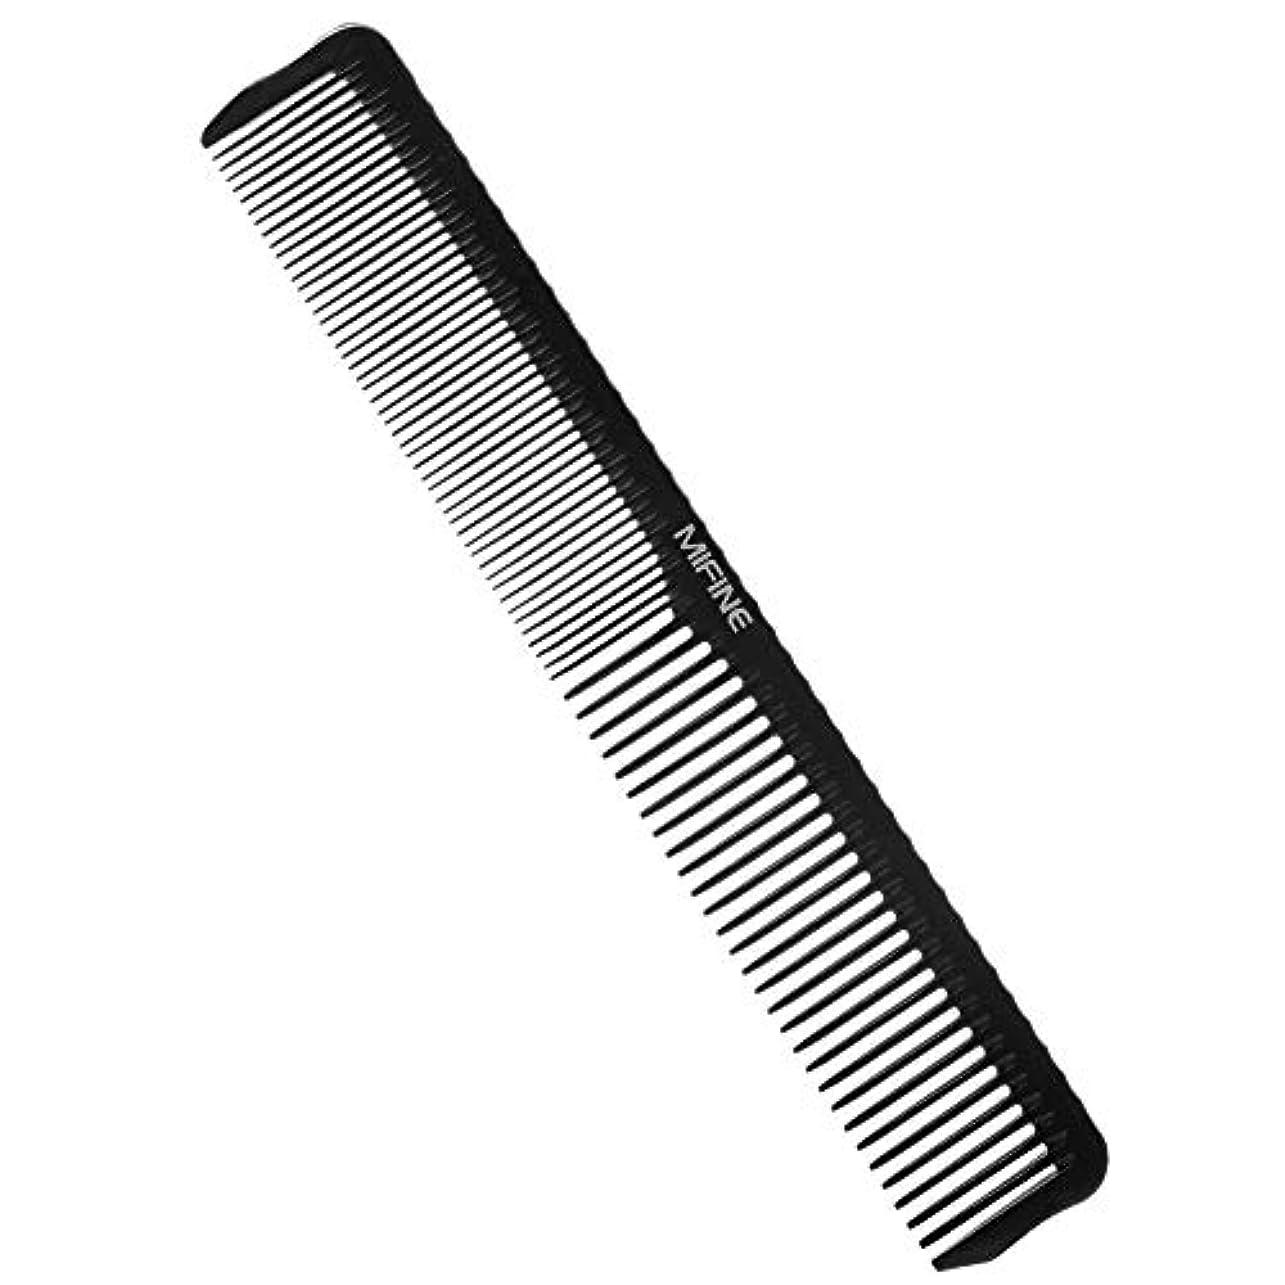 着実に水素マスクカットコーム 美容師 クシ メンズ Mifine 櫛 静電気防止 ヘアブラシ 耐熱 ヘアコーム くし メンズ 梳子 髪くし プロ用カットコーム ウェット ドライ兼用 梳子